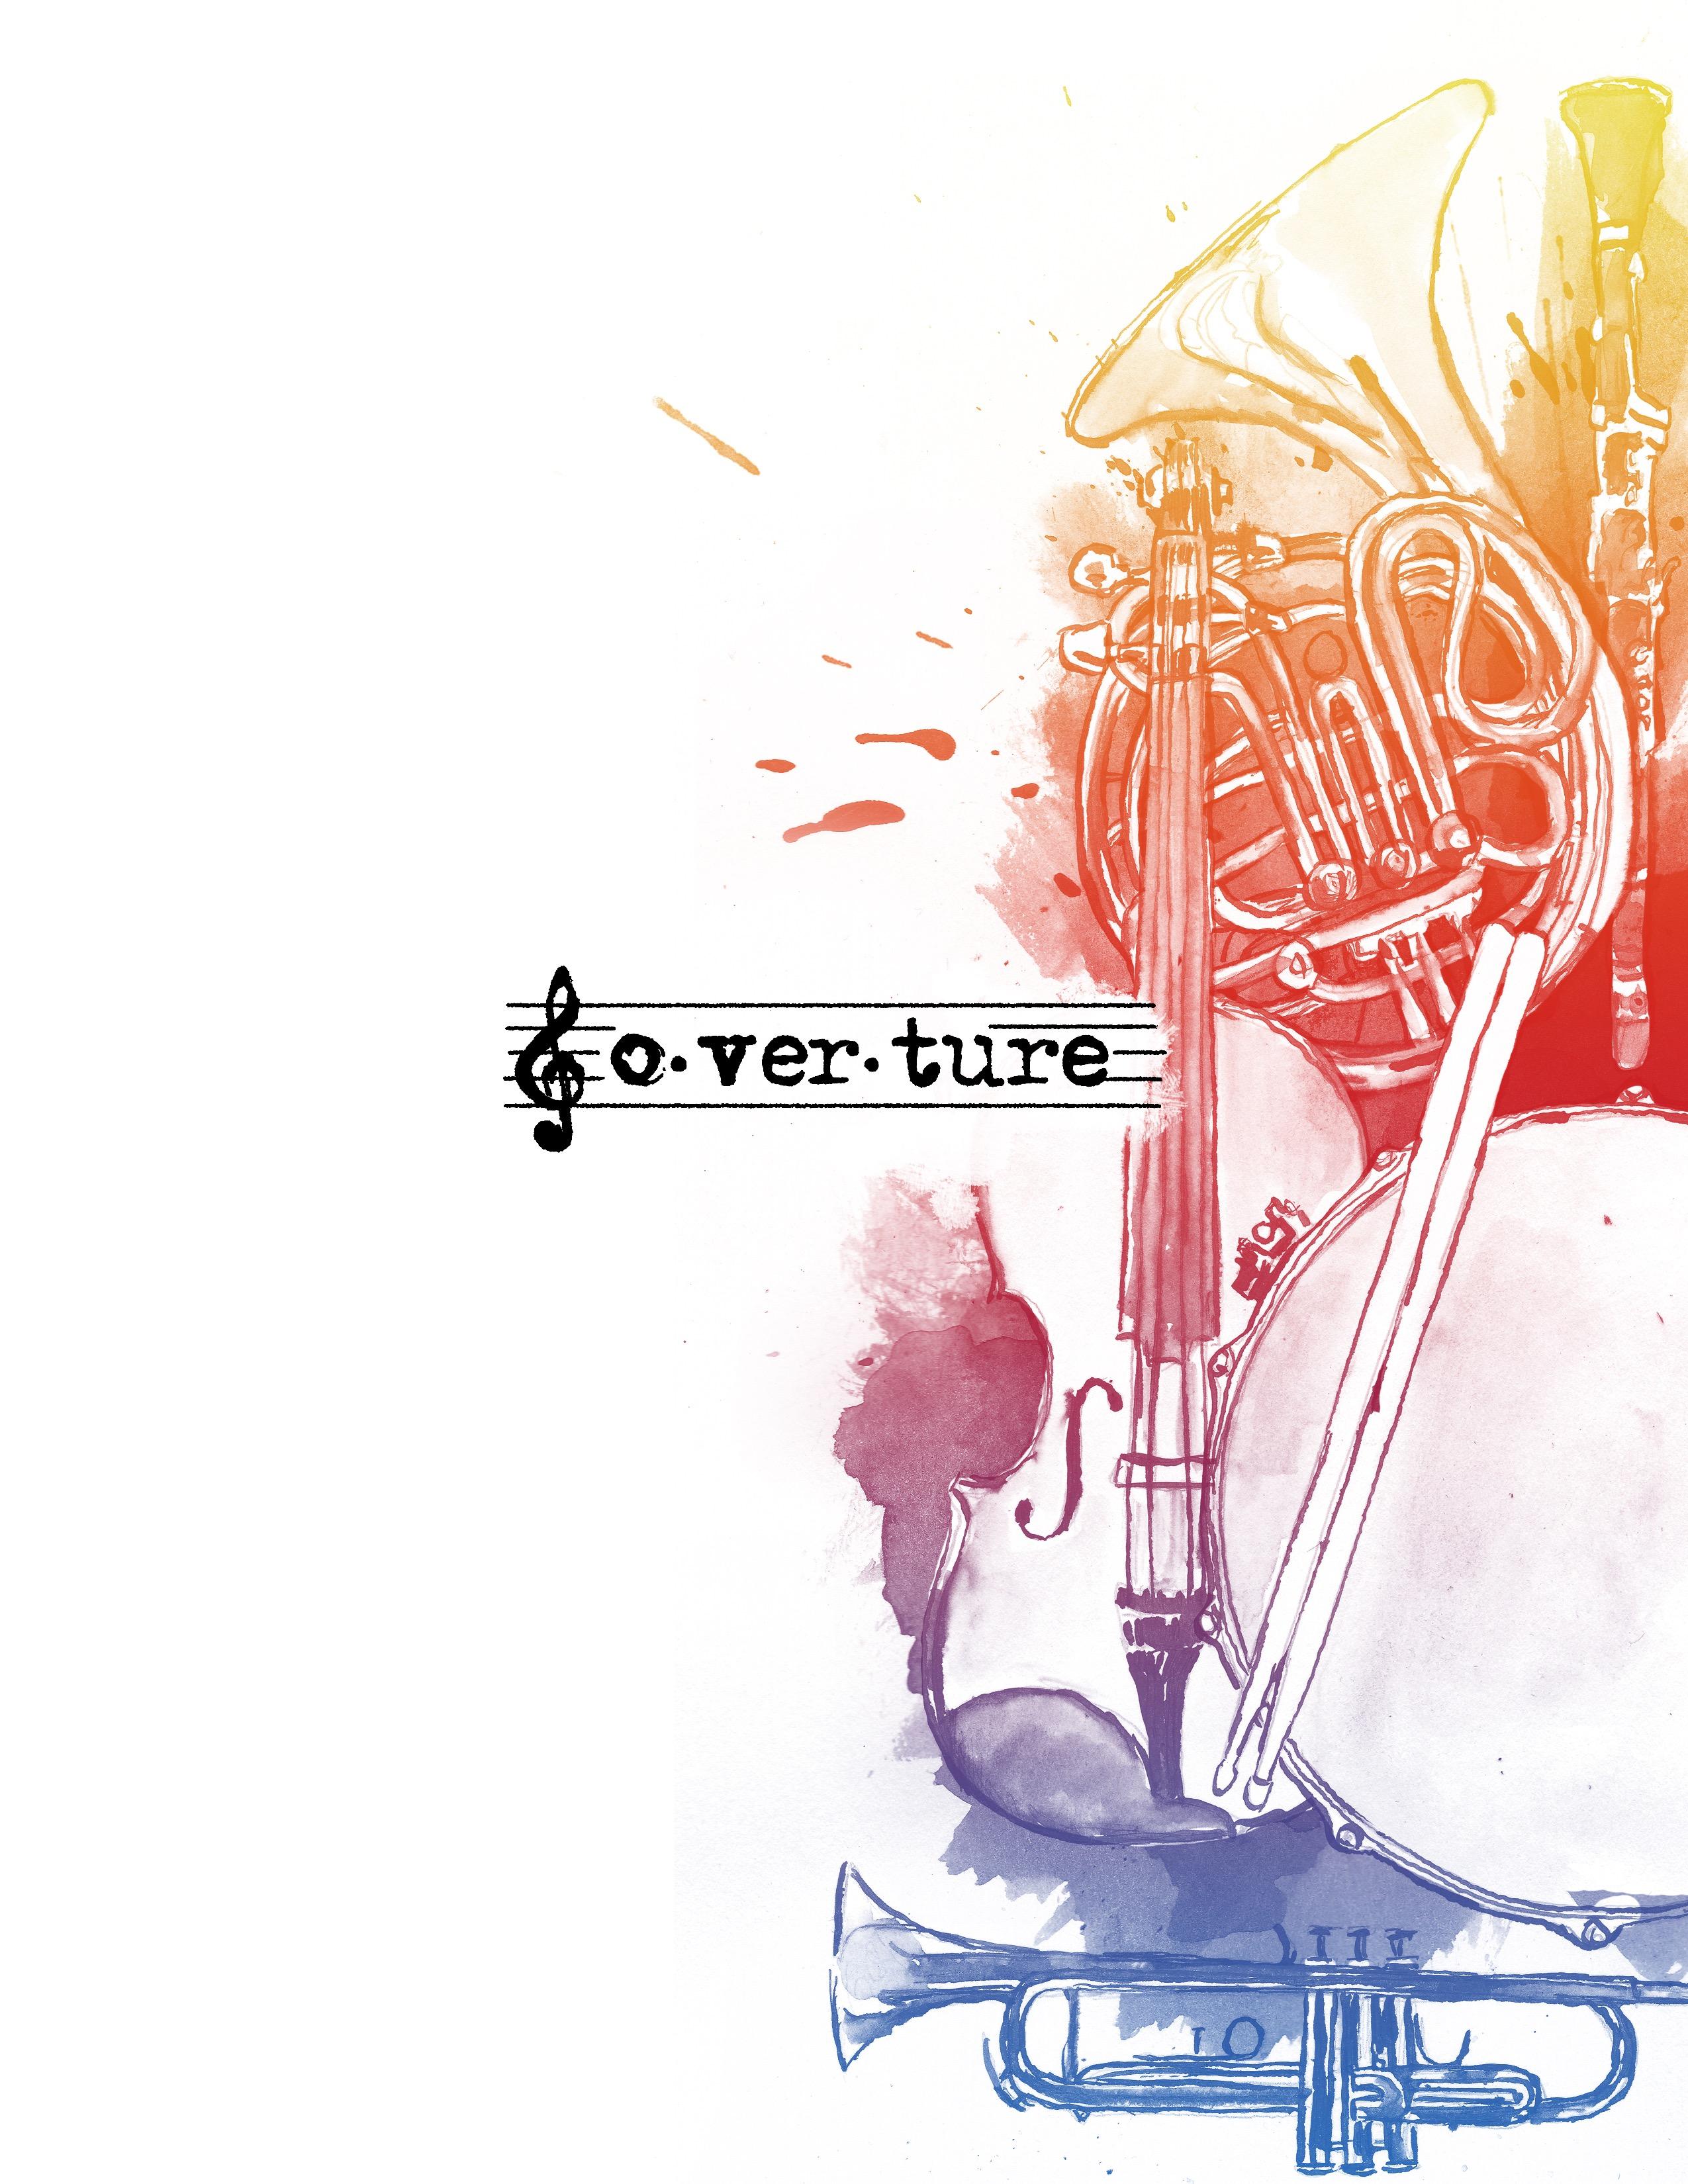 Overature